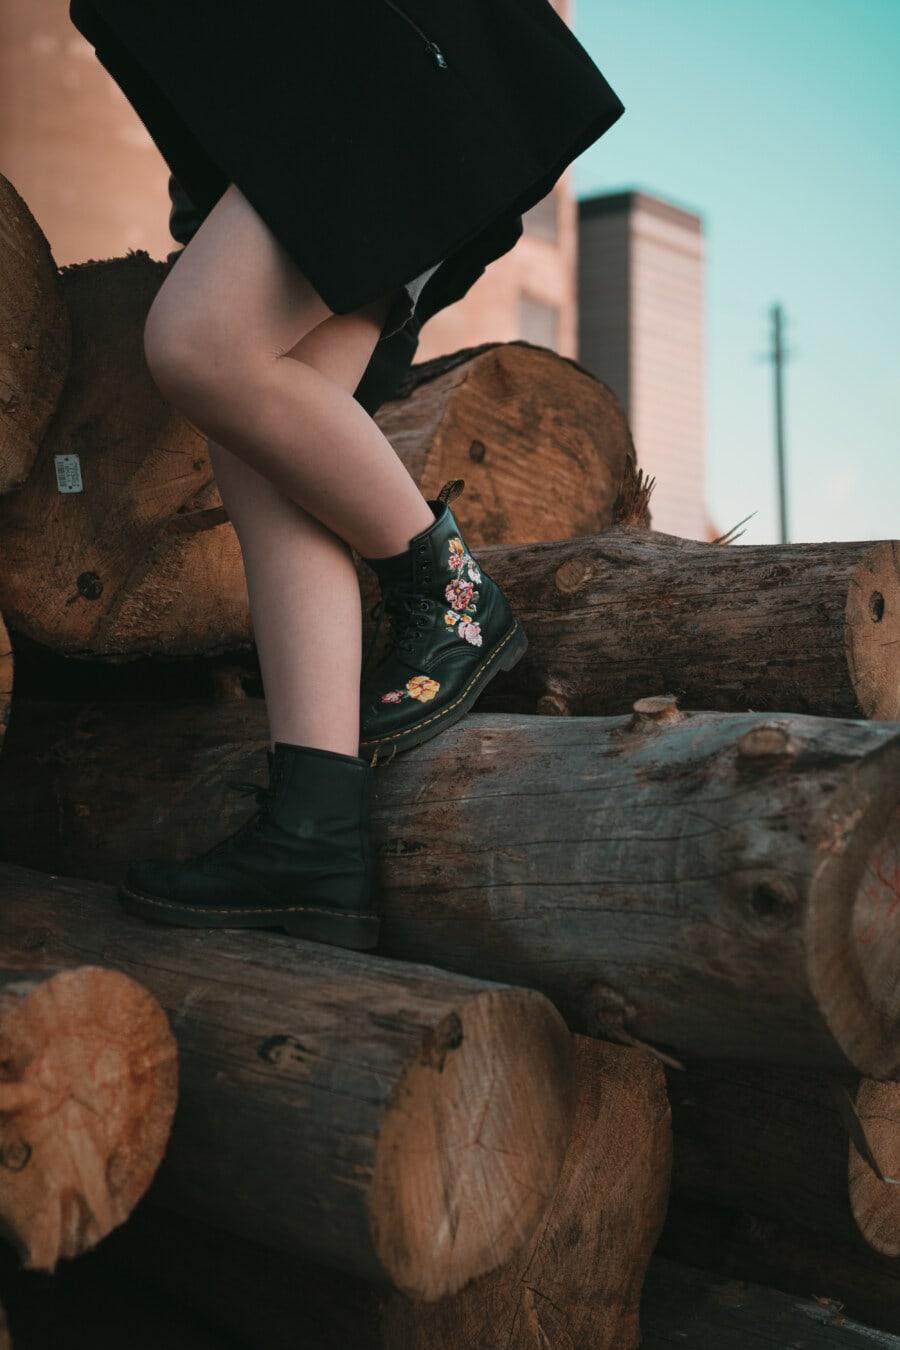 leather, fancy, black, boots, legs, firewood, wood, portrait, girl, model